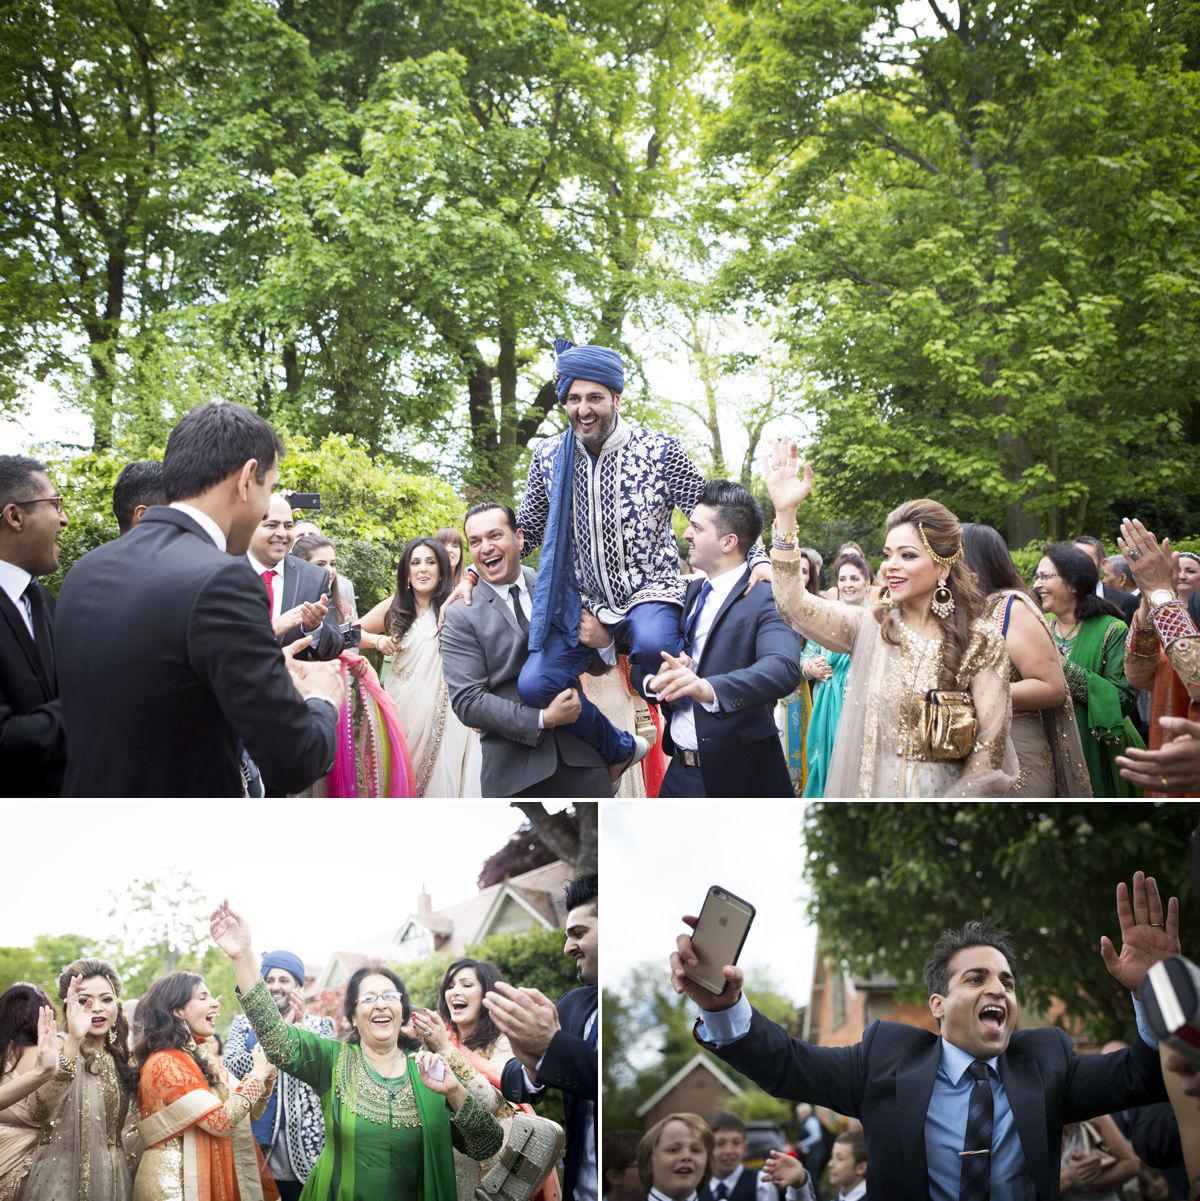 Eshott Hall Weddings anIndian wedding